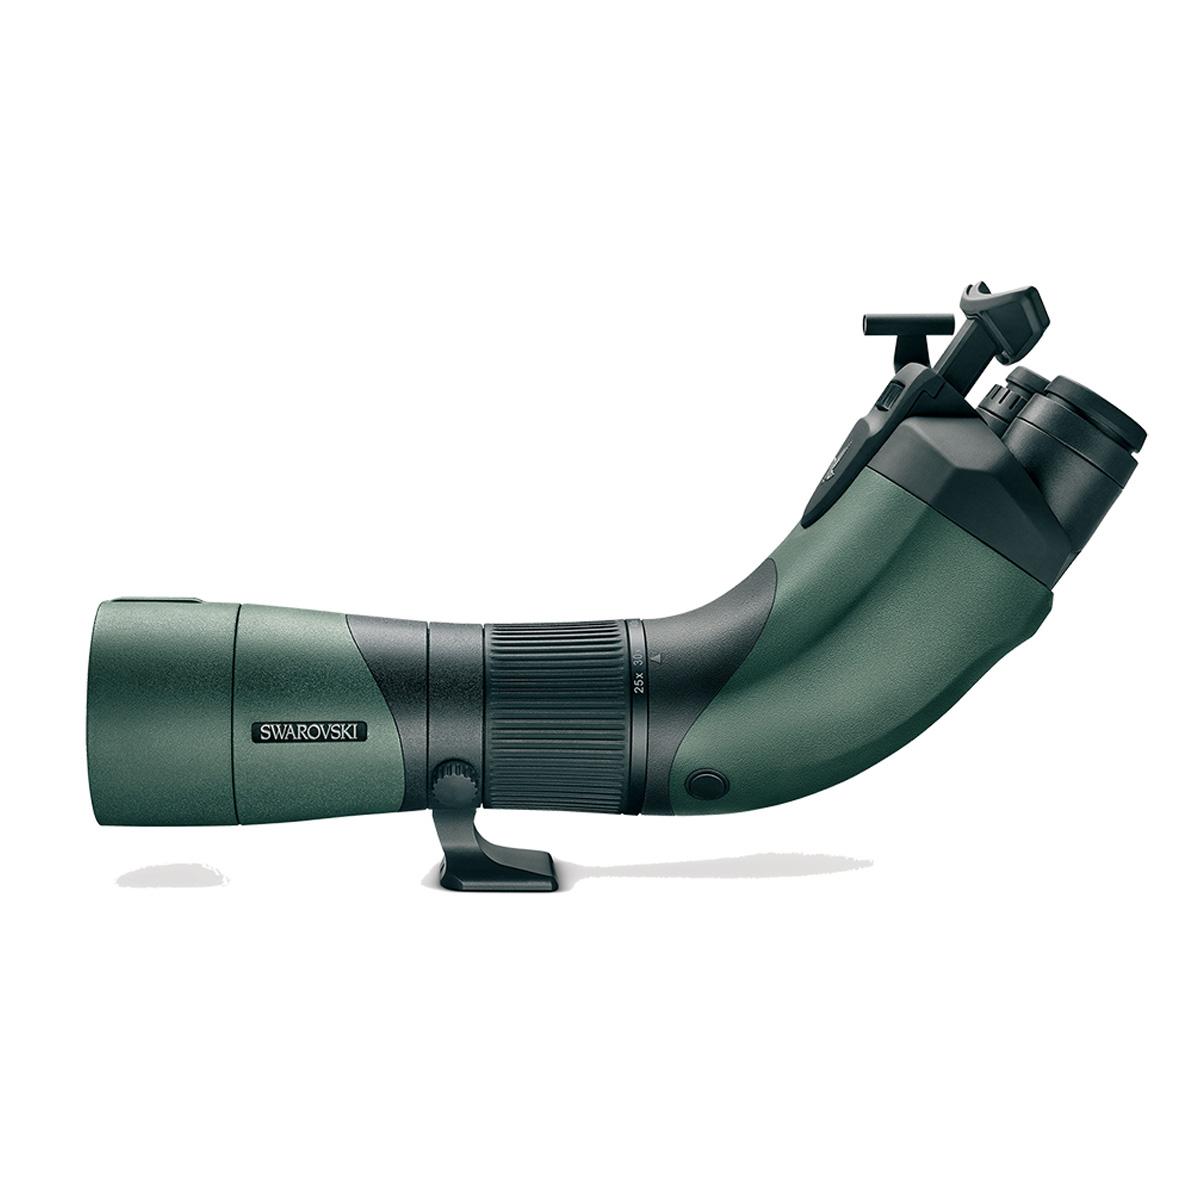 【人気急上昇】 スワロフスキー SERIES フィールドスコープ スワロフスキー 30倍 65mm 野鳥 バードウォッチング X SERIES BTX30×65スコープ 65mm・アイピースセット, クリスタルアイ:ce1558aa --- unlimitedrobuxgenerator.com